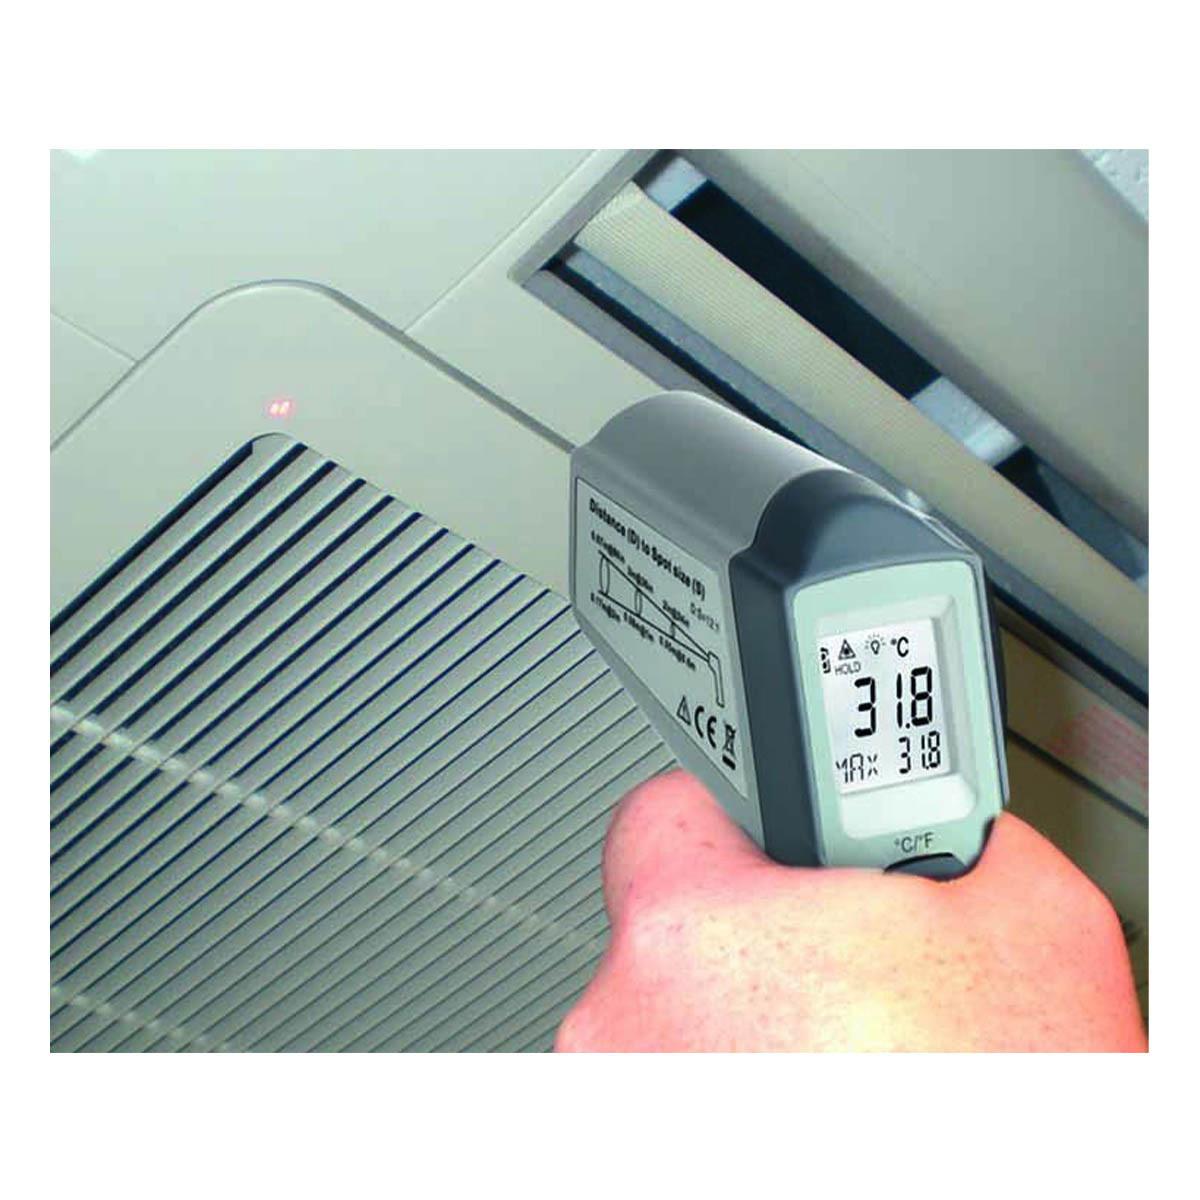 31-1132-infrarot-thermometer-beam-anwendung3-1200x1200px.jpg